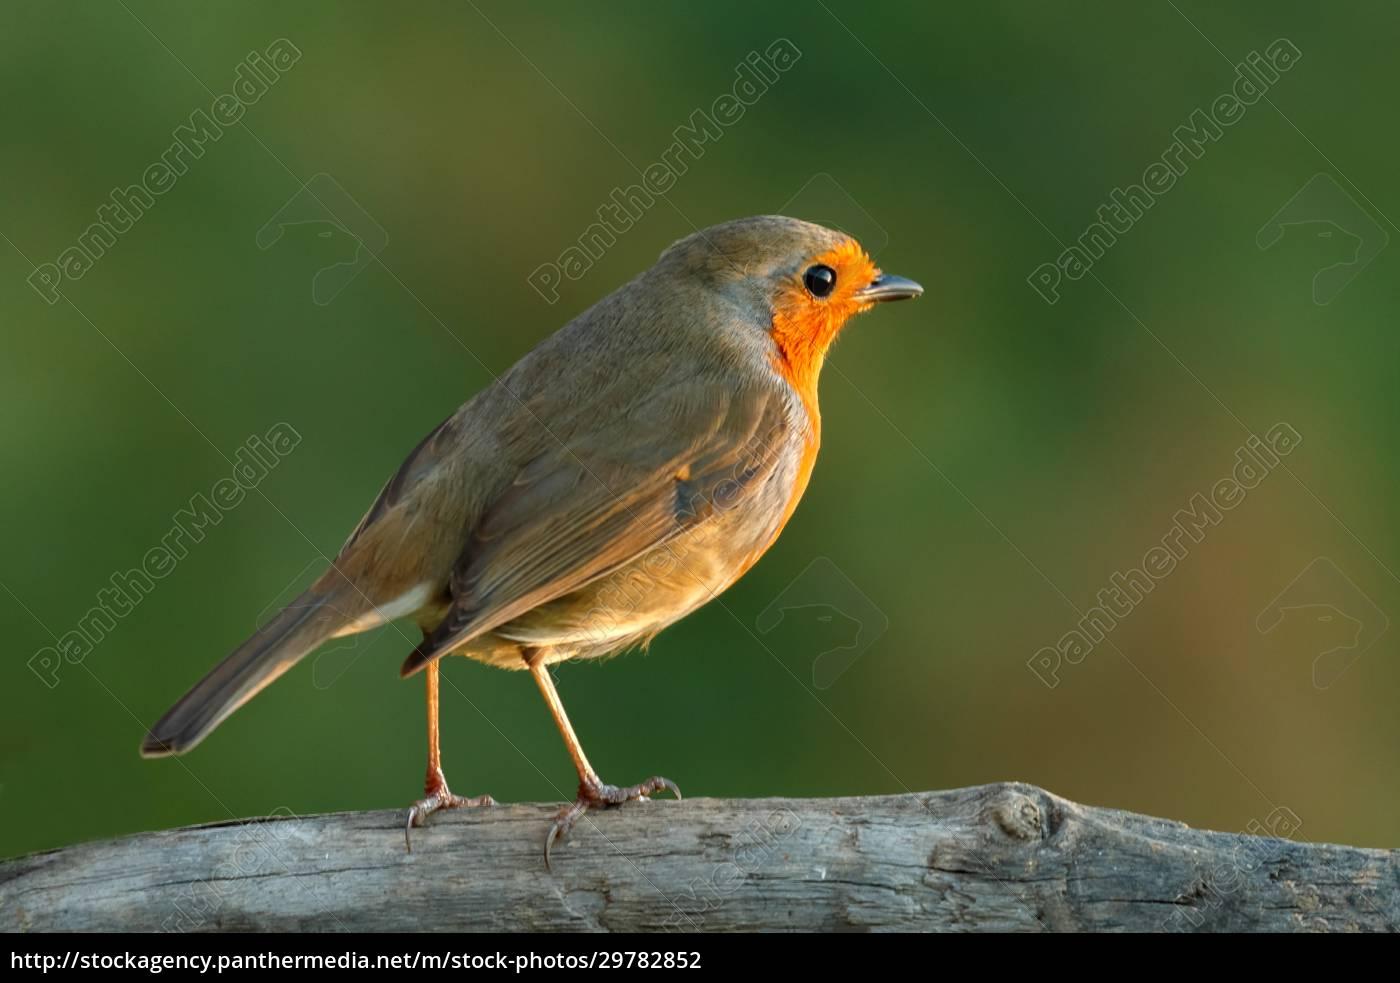 pretty, bird, with, a, nice, orange - 29782852